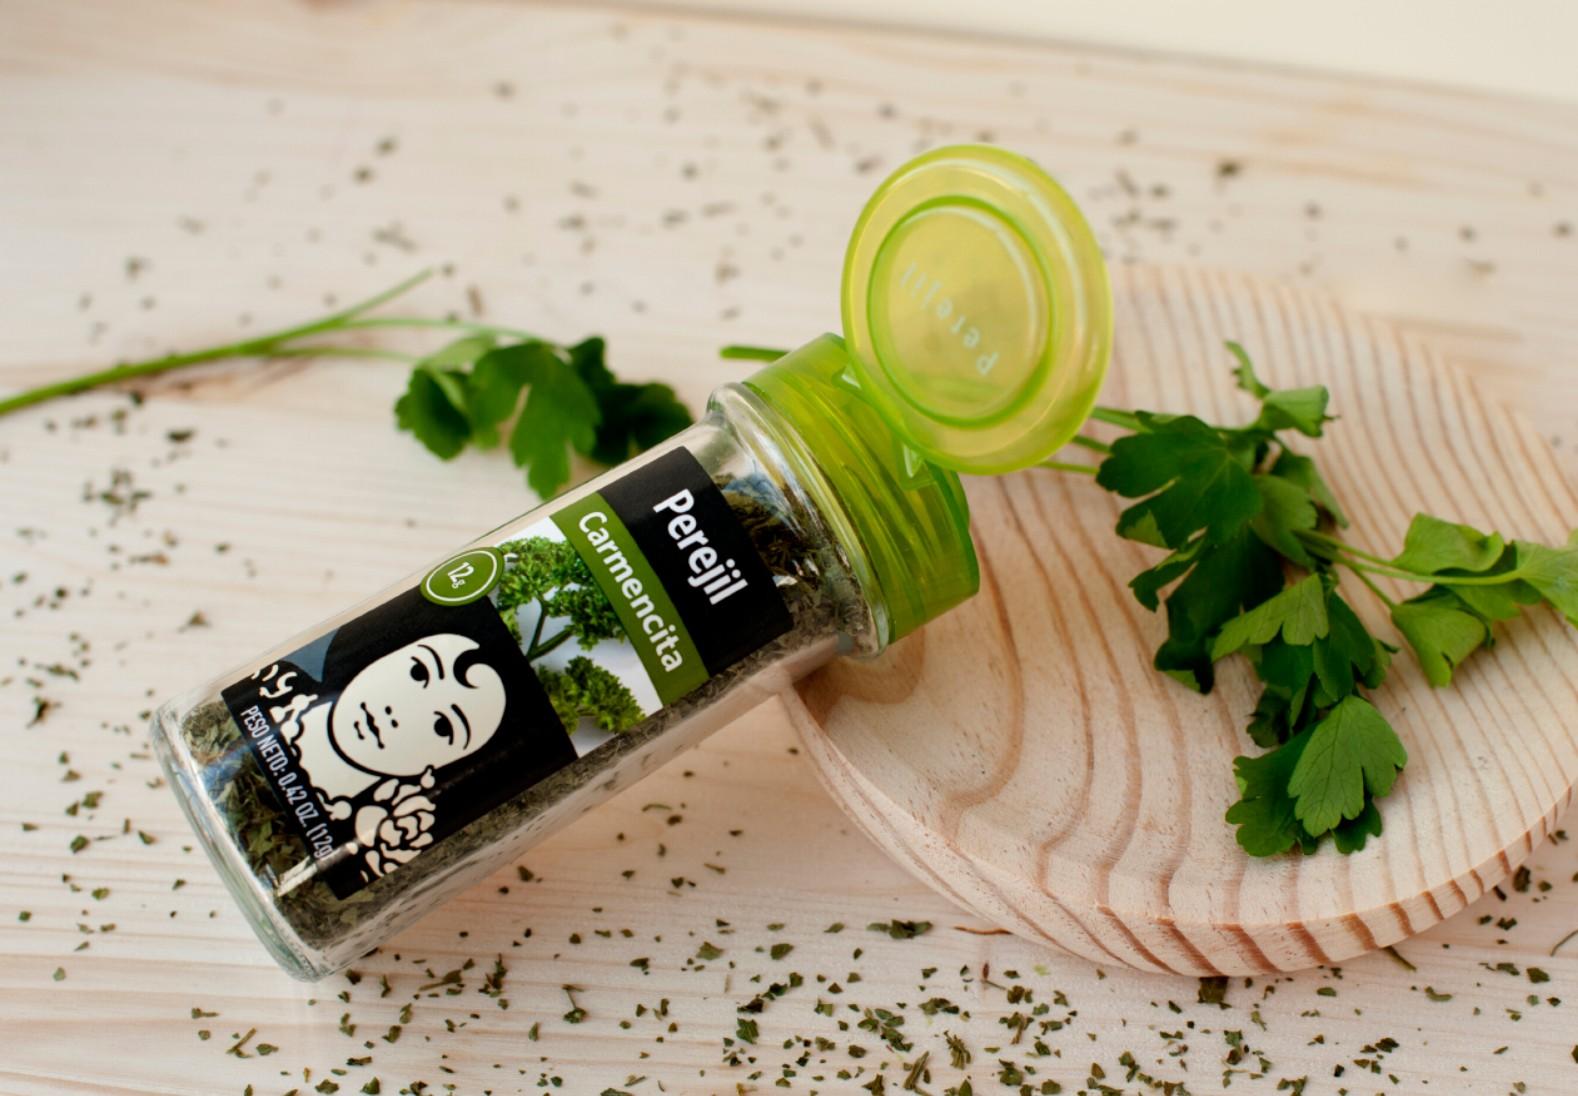 Carmencita recomienda el perejil, la hierba aromática más utilizada